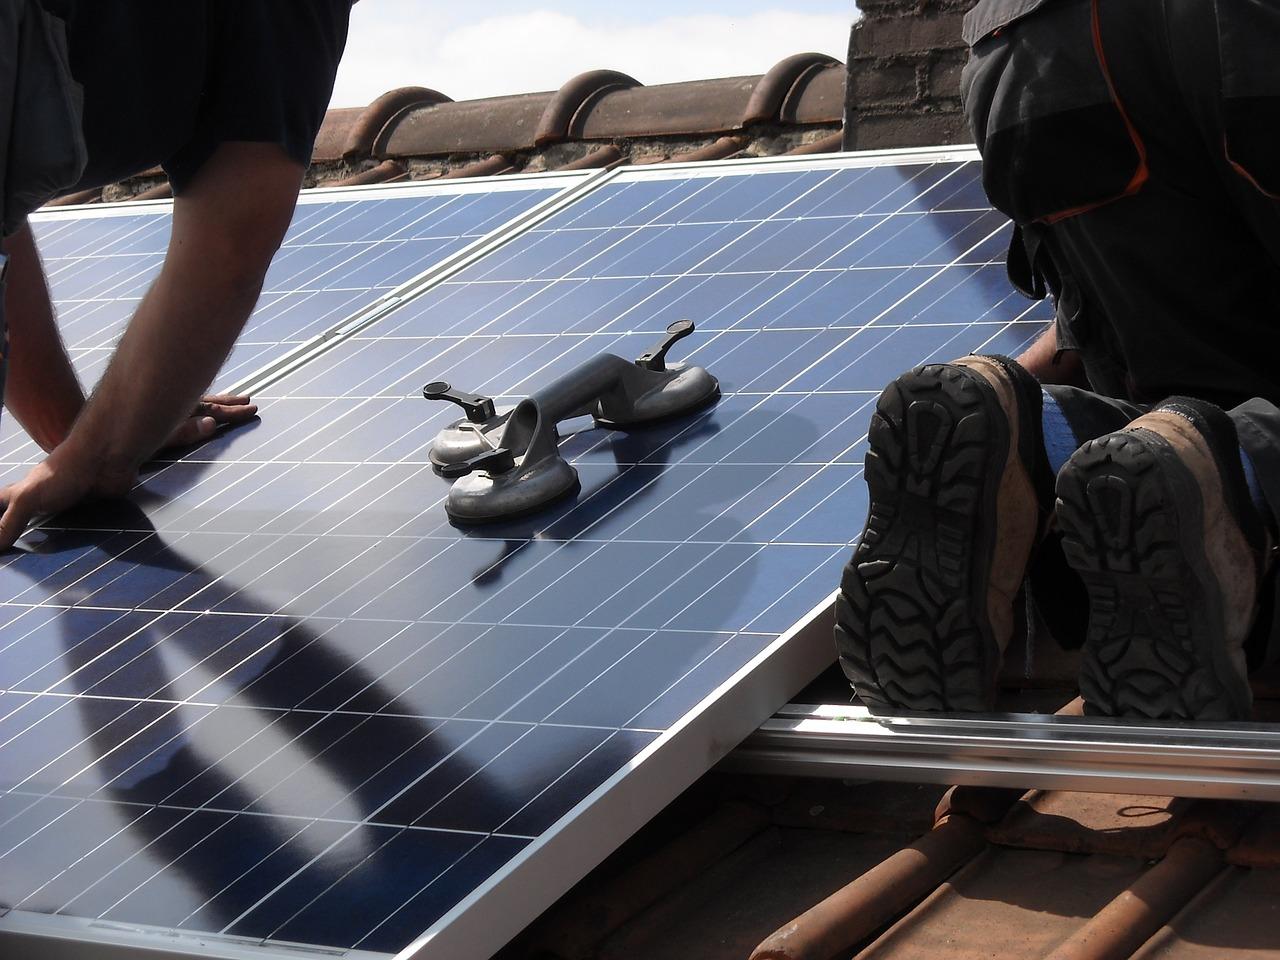 Les panneaux solaires thermiques pour chauffer l'eau